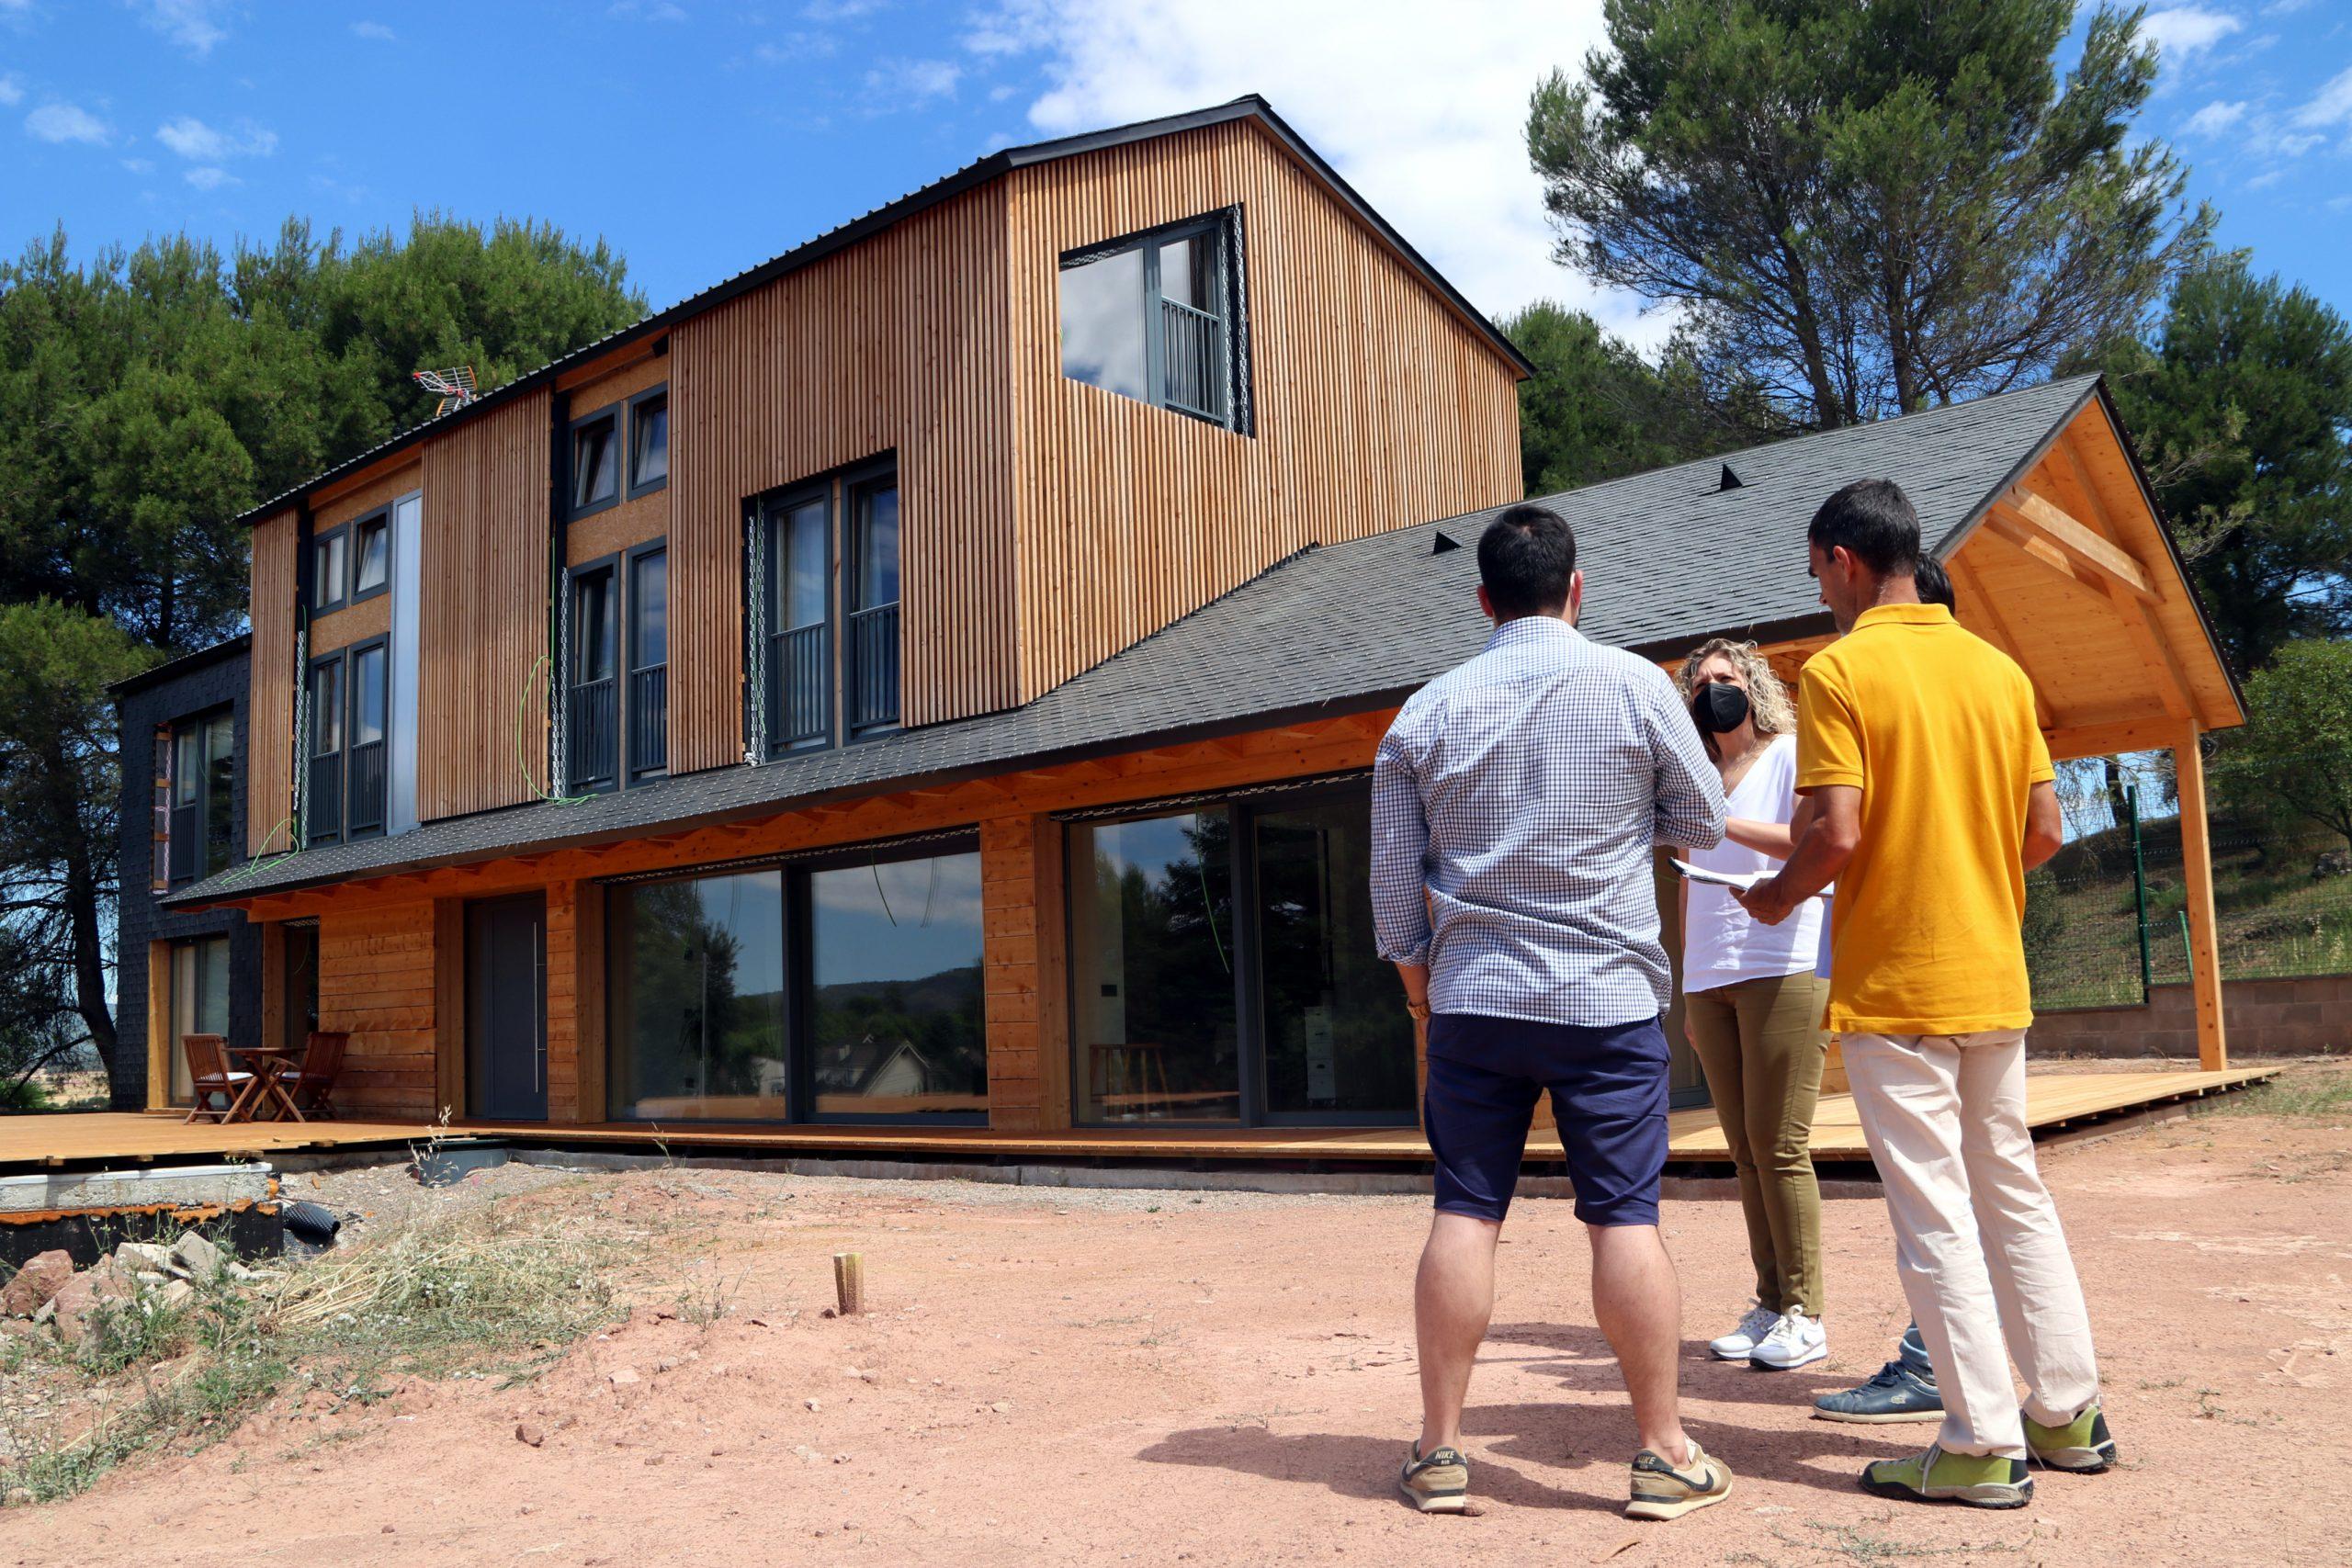 Una casa de fusta, al Bages, amb la seva propietària i els responsables de la construcció al davant |ACN